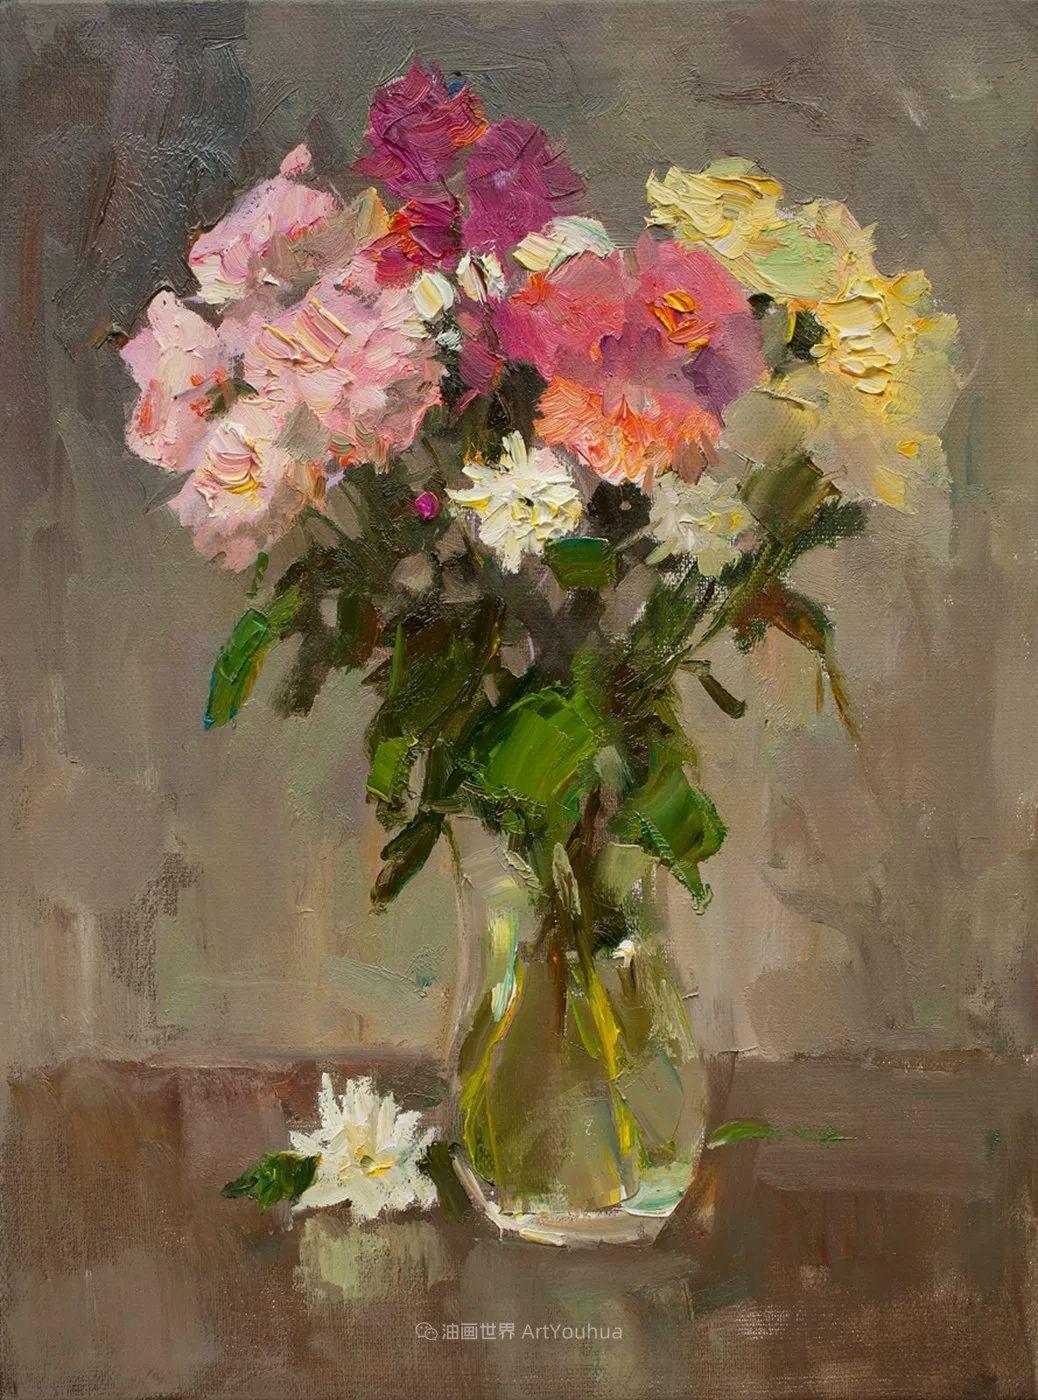 他的花儿如此生动和明亮,充满了光和微妙的东方哲学!插图53